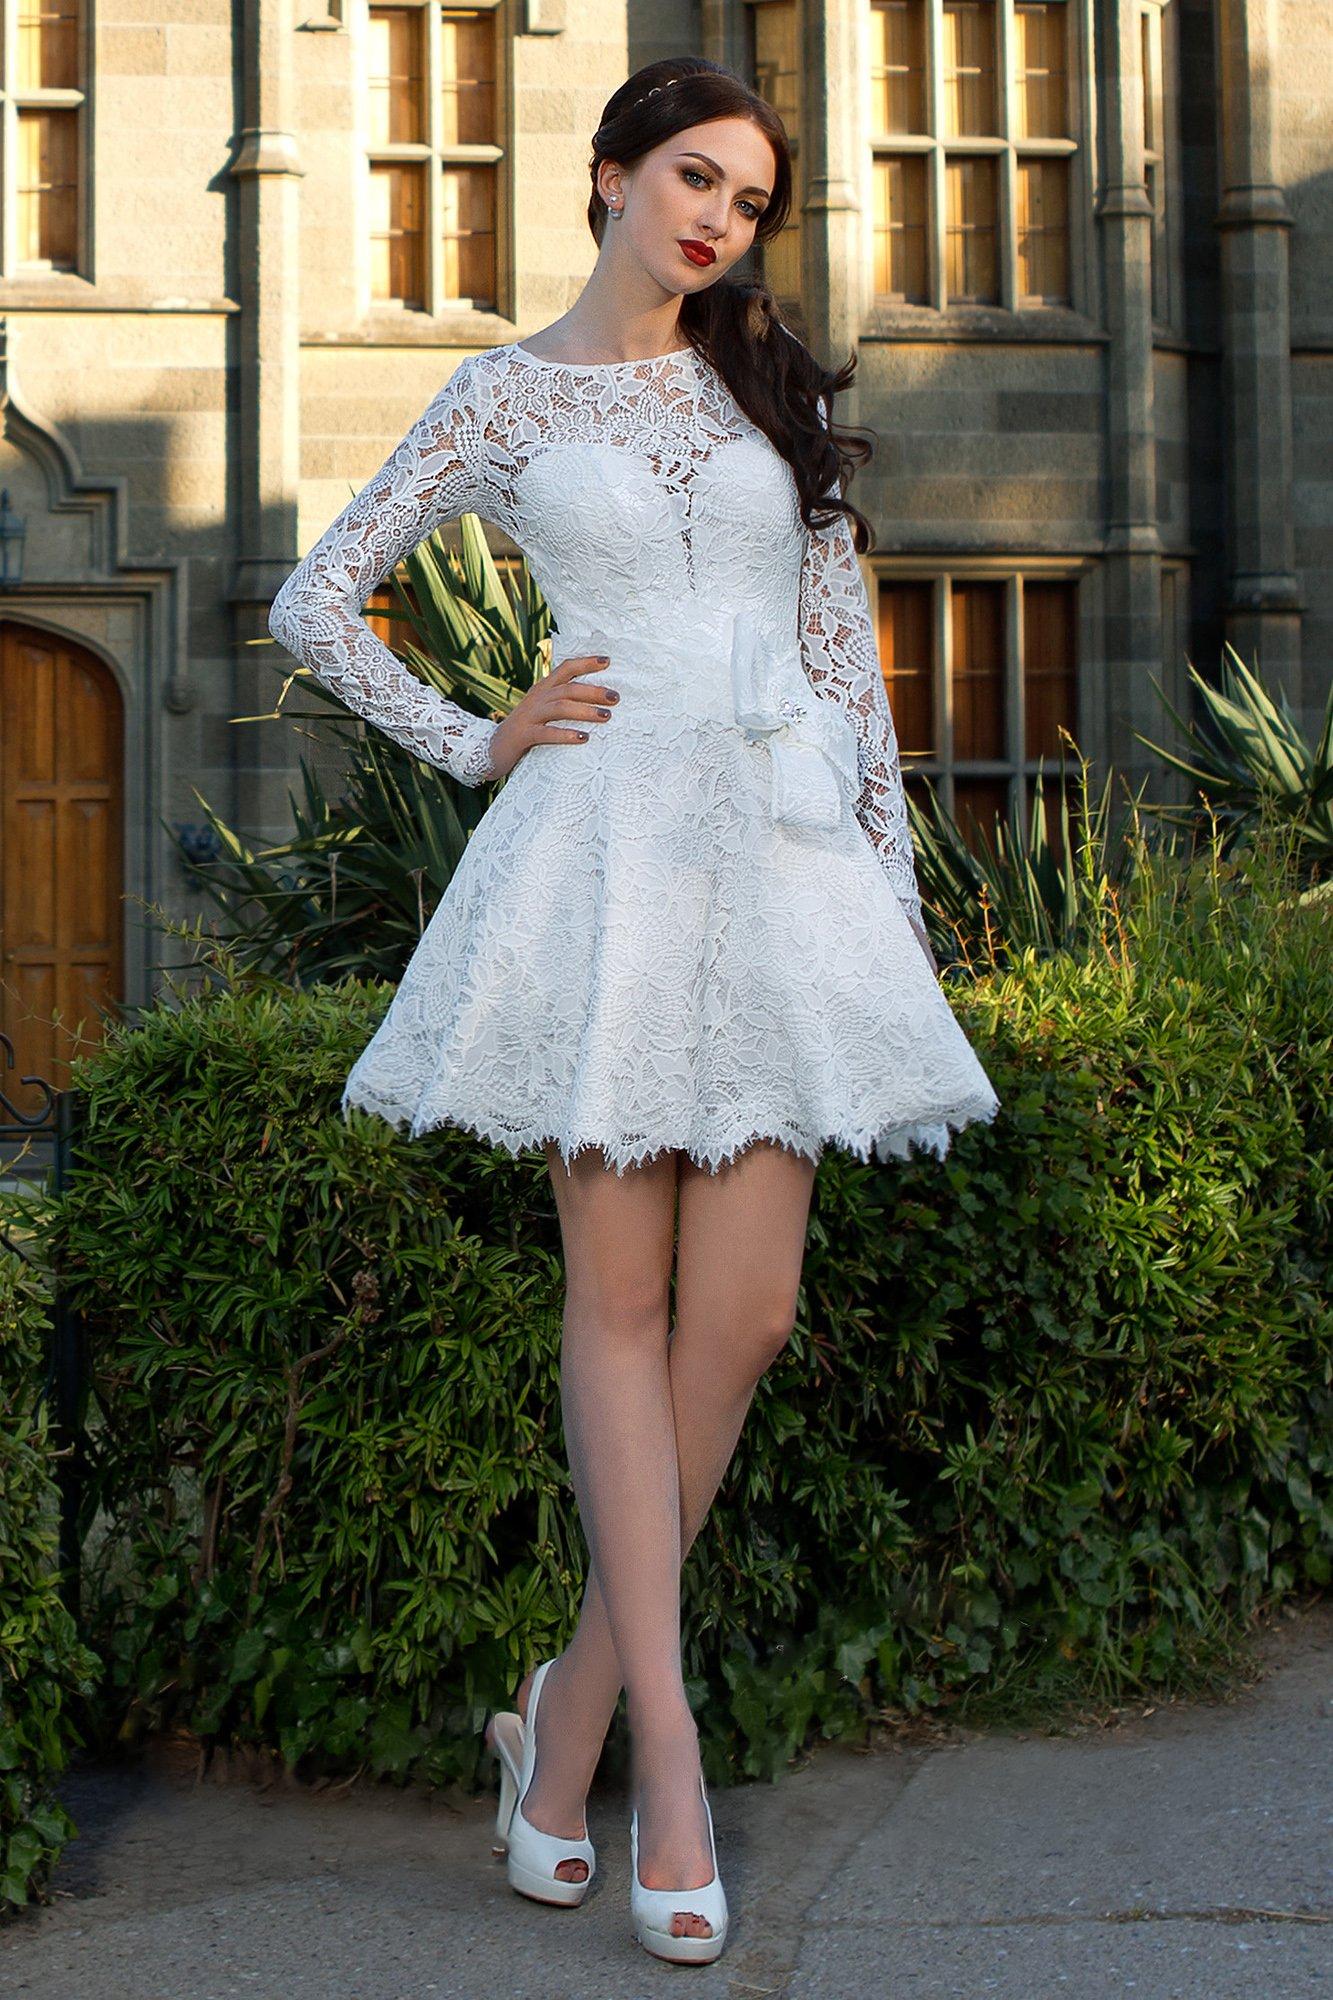 e340d7bbaed Короткое свадебное платье с пышной юбкой и плотными кружевными рукавами.